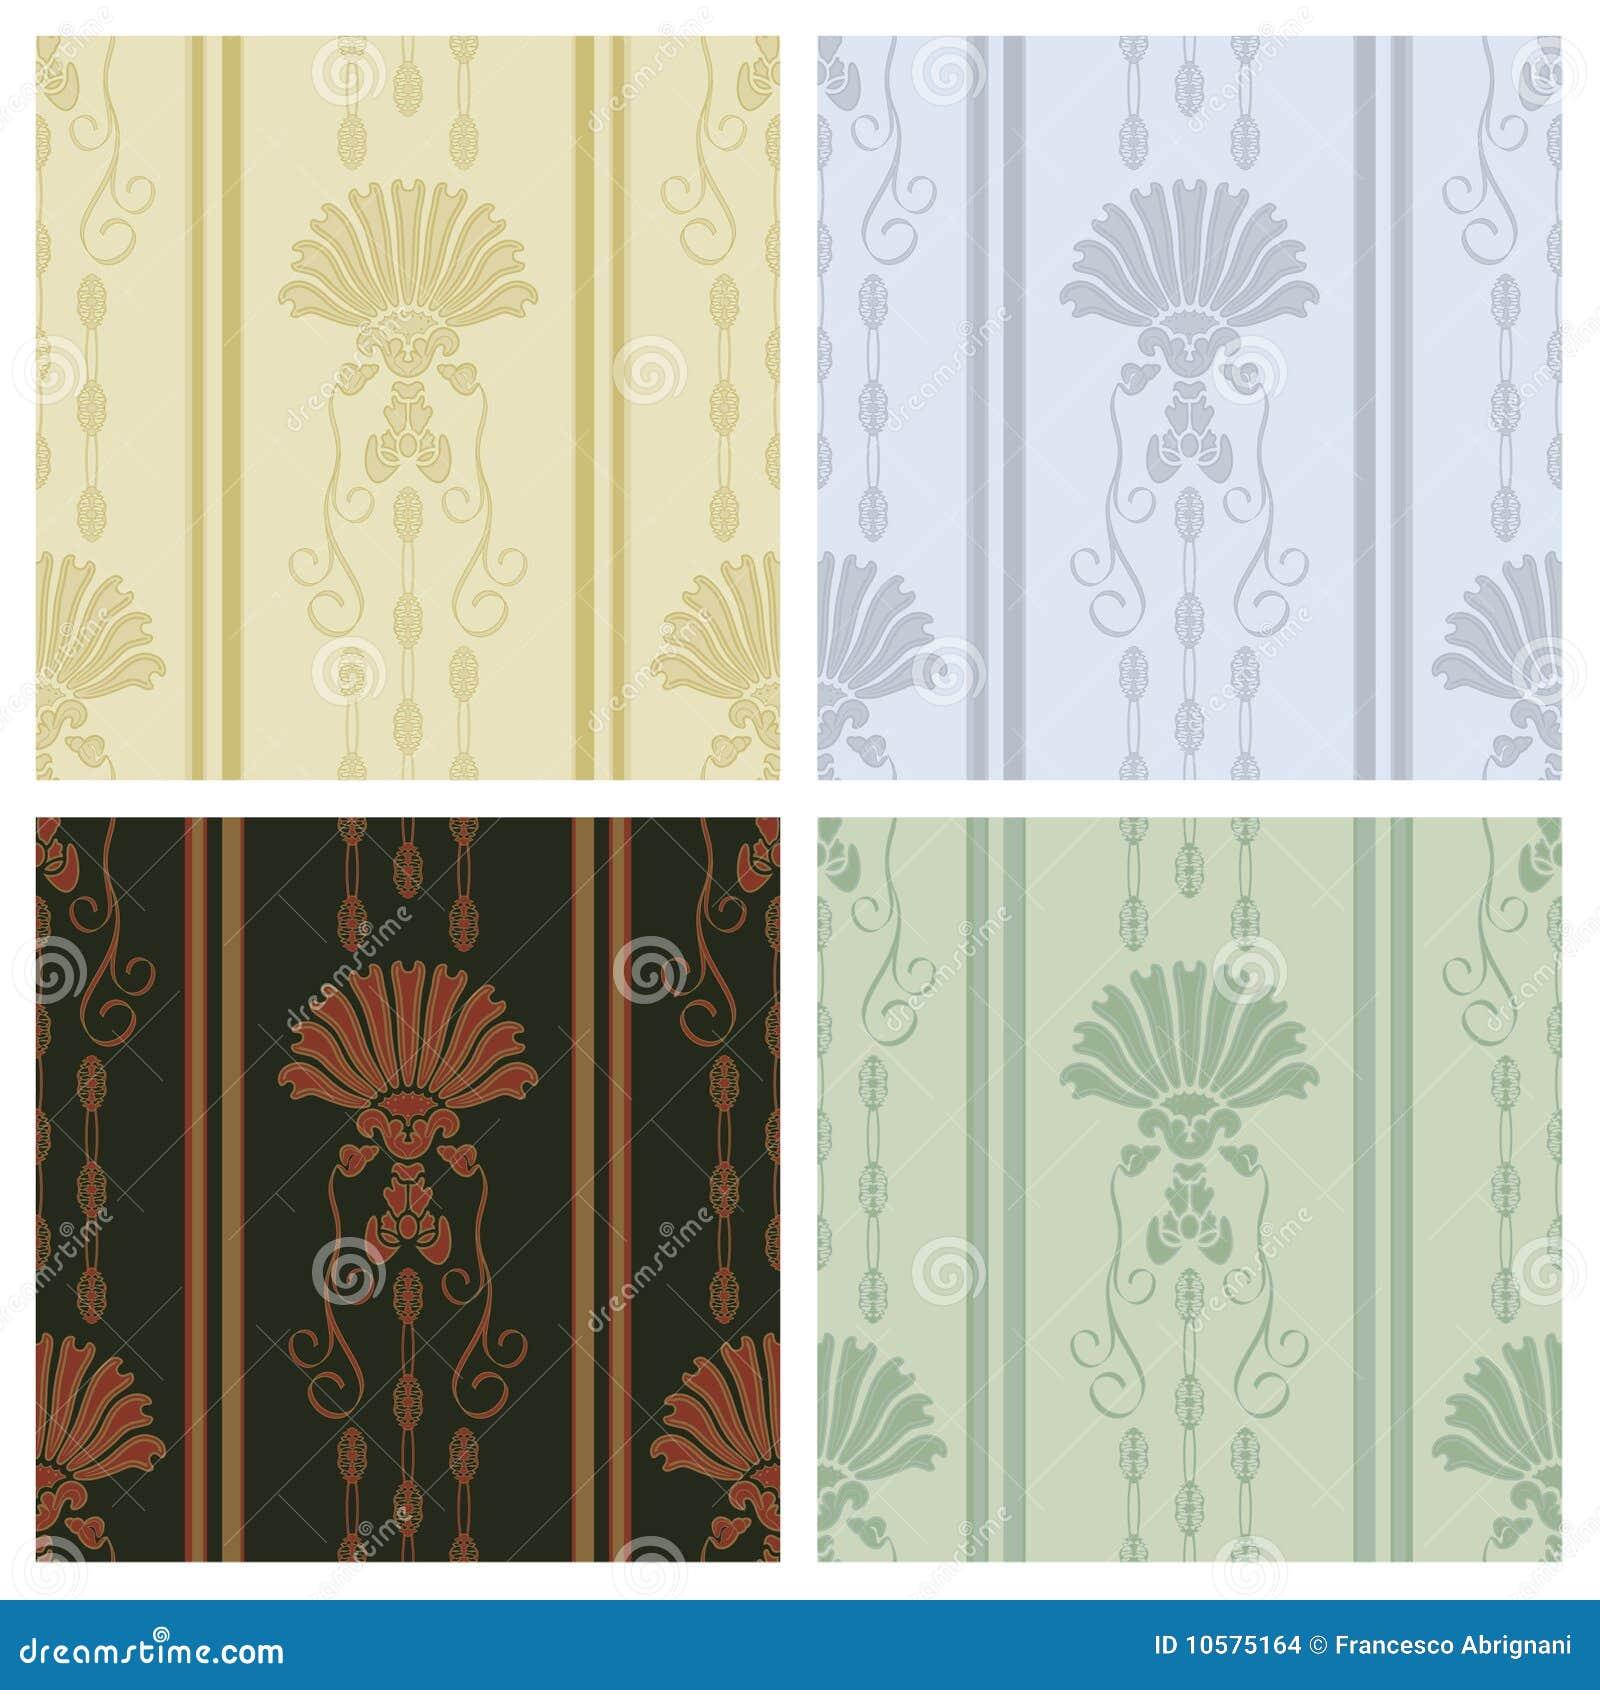 Carta da parati decorativa illustrazione vettoriale illustrazione di fiore 10575164 - Carta da parati decorativa ...